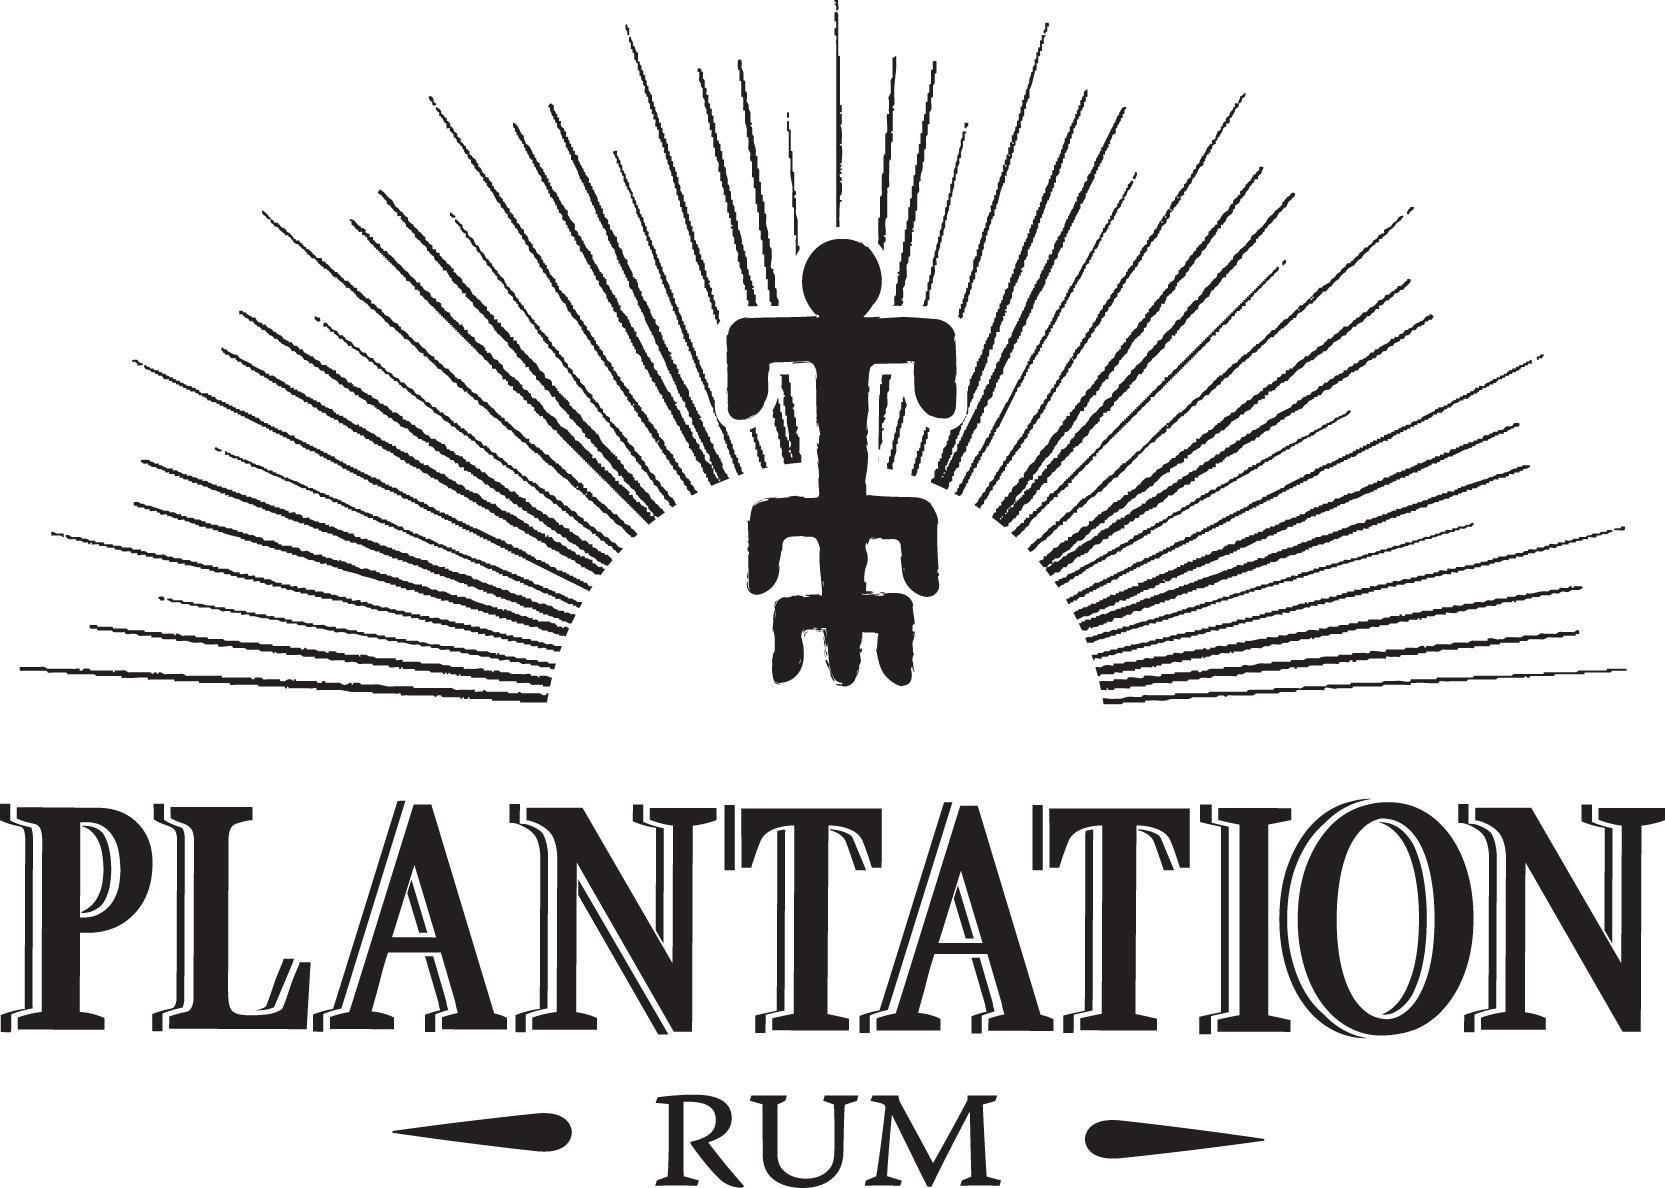 Plantation Rum Logo.jpg